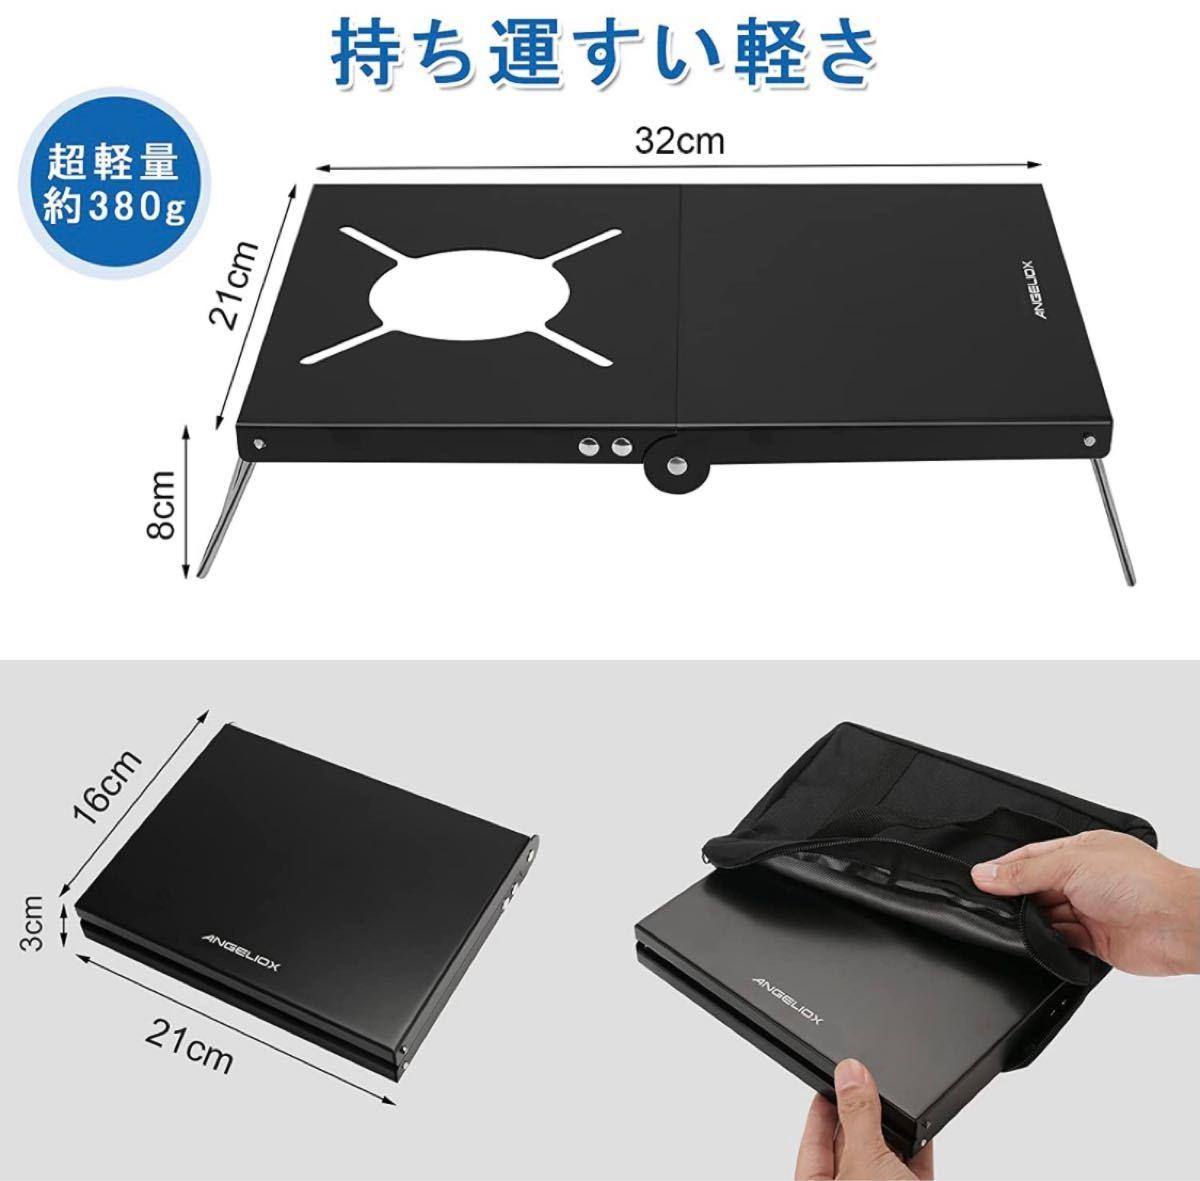 遮熱テーブル 遮熱板 折り畳み SOTO ST-310 シングルバーナー用 テーブル